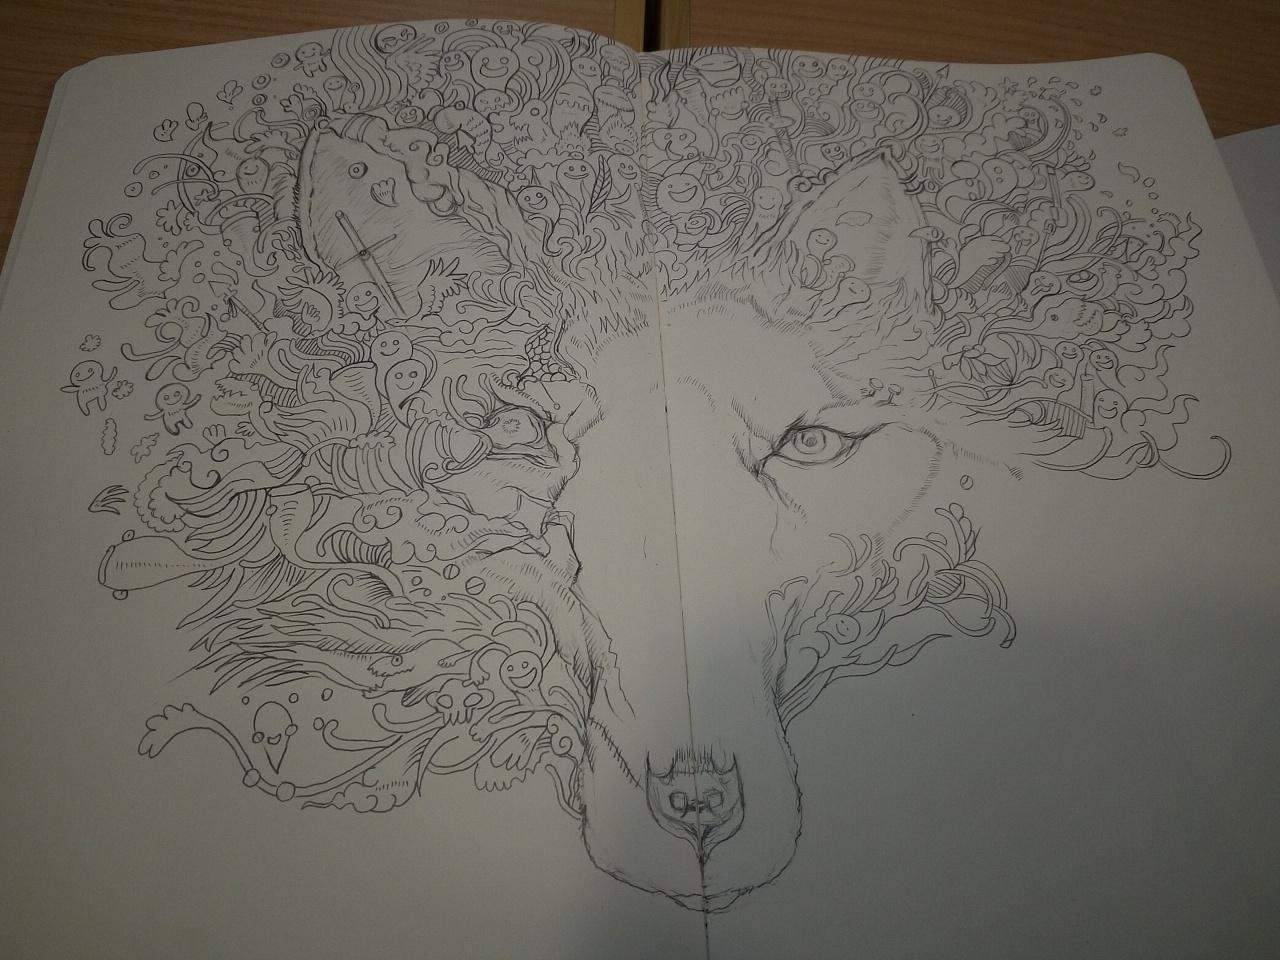 【针管笔手绘02】手绘黑白涂鸦——北极狼!